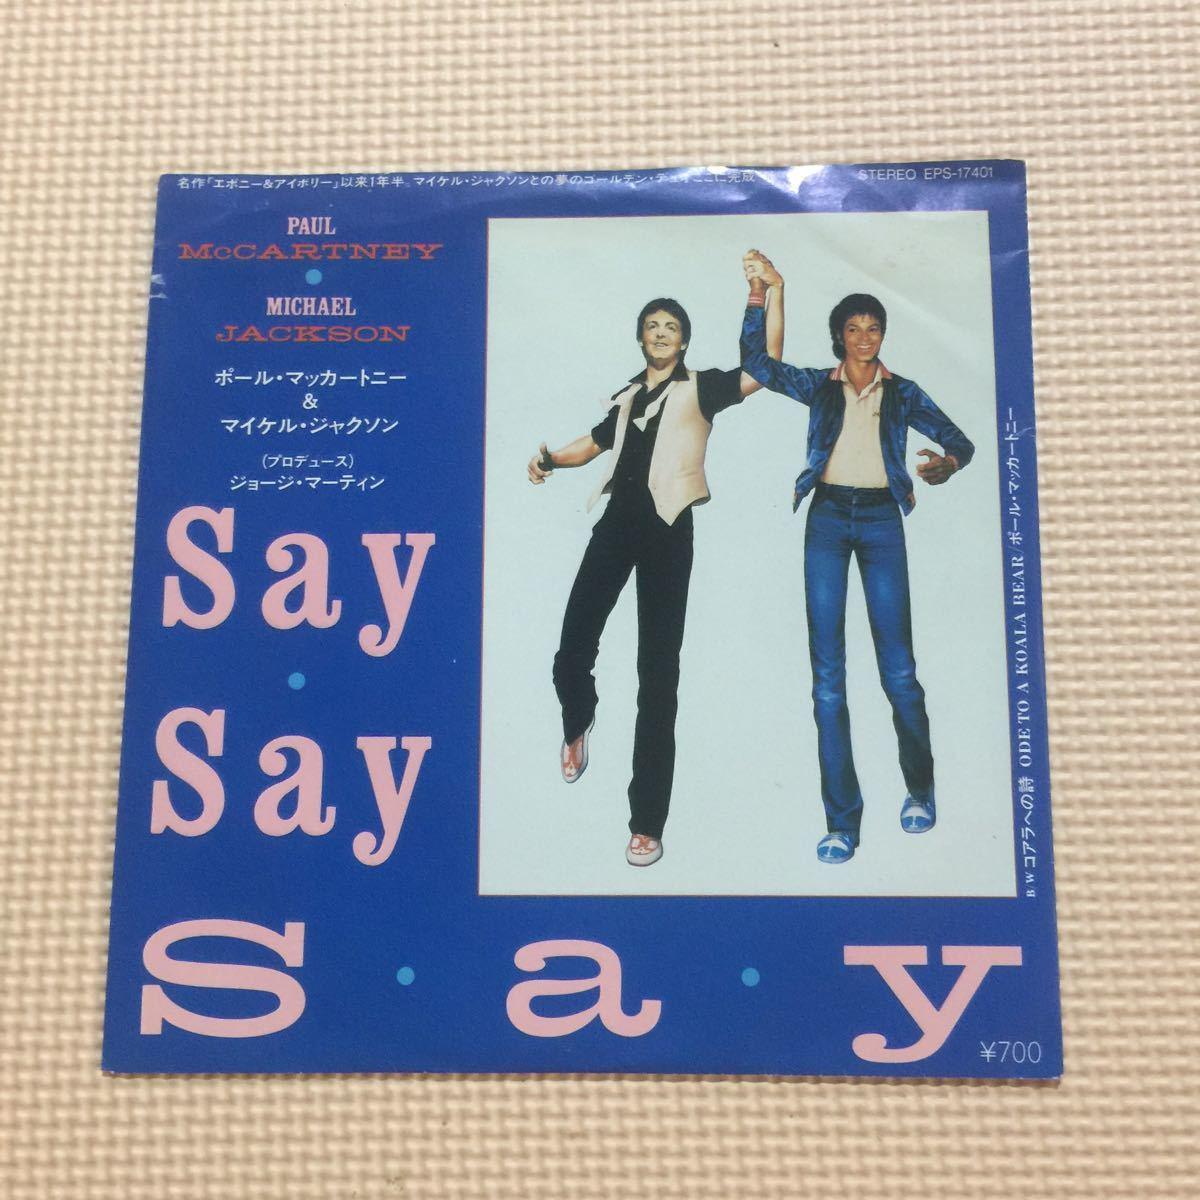 ポール・マッカートニー&マイケル・ジャクソン セイ・セイ・セイ 国内盤7インチシングルレコード